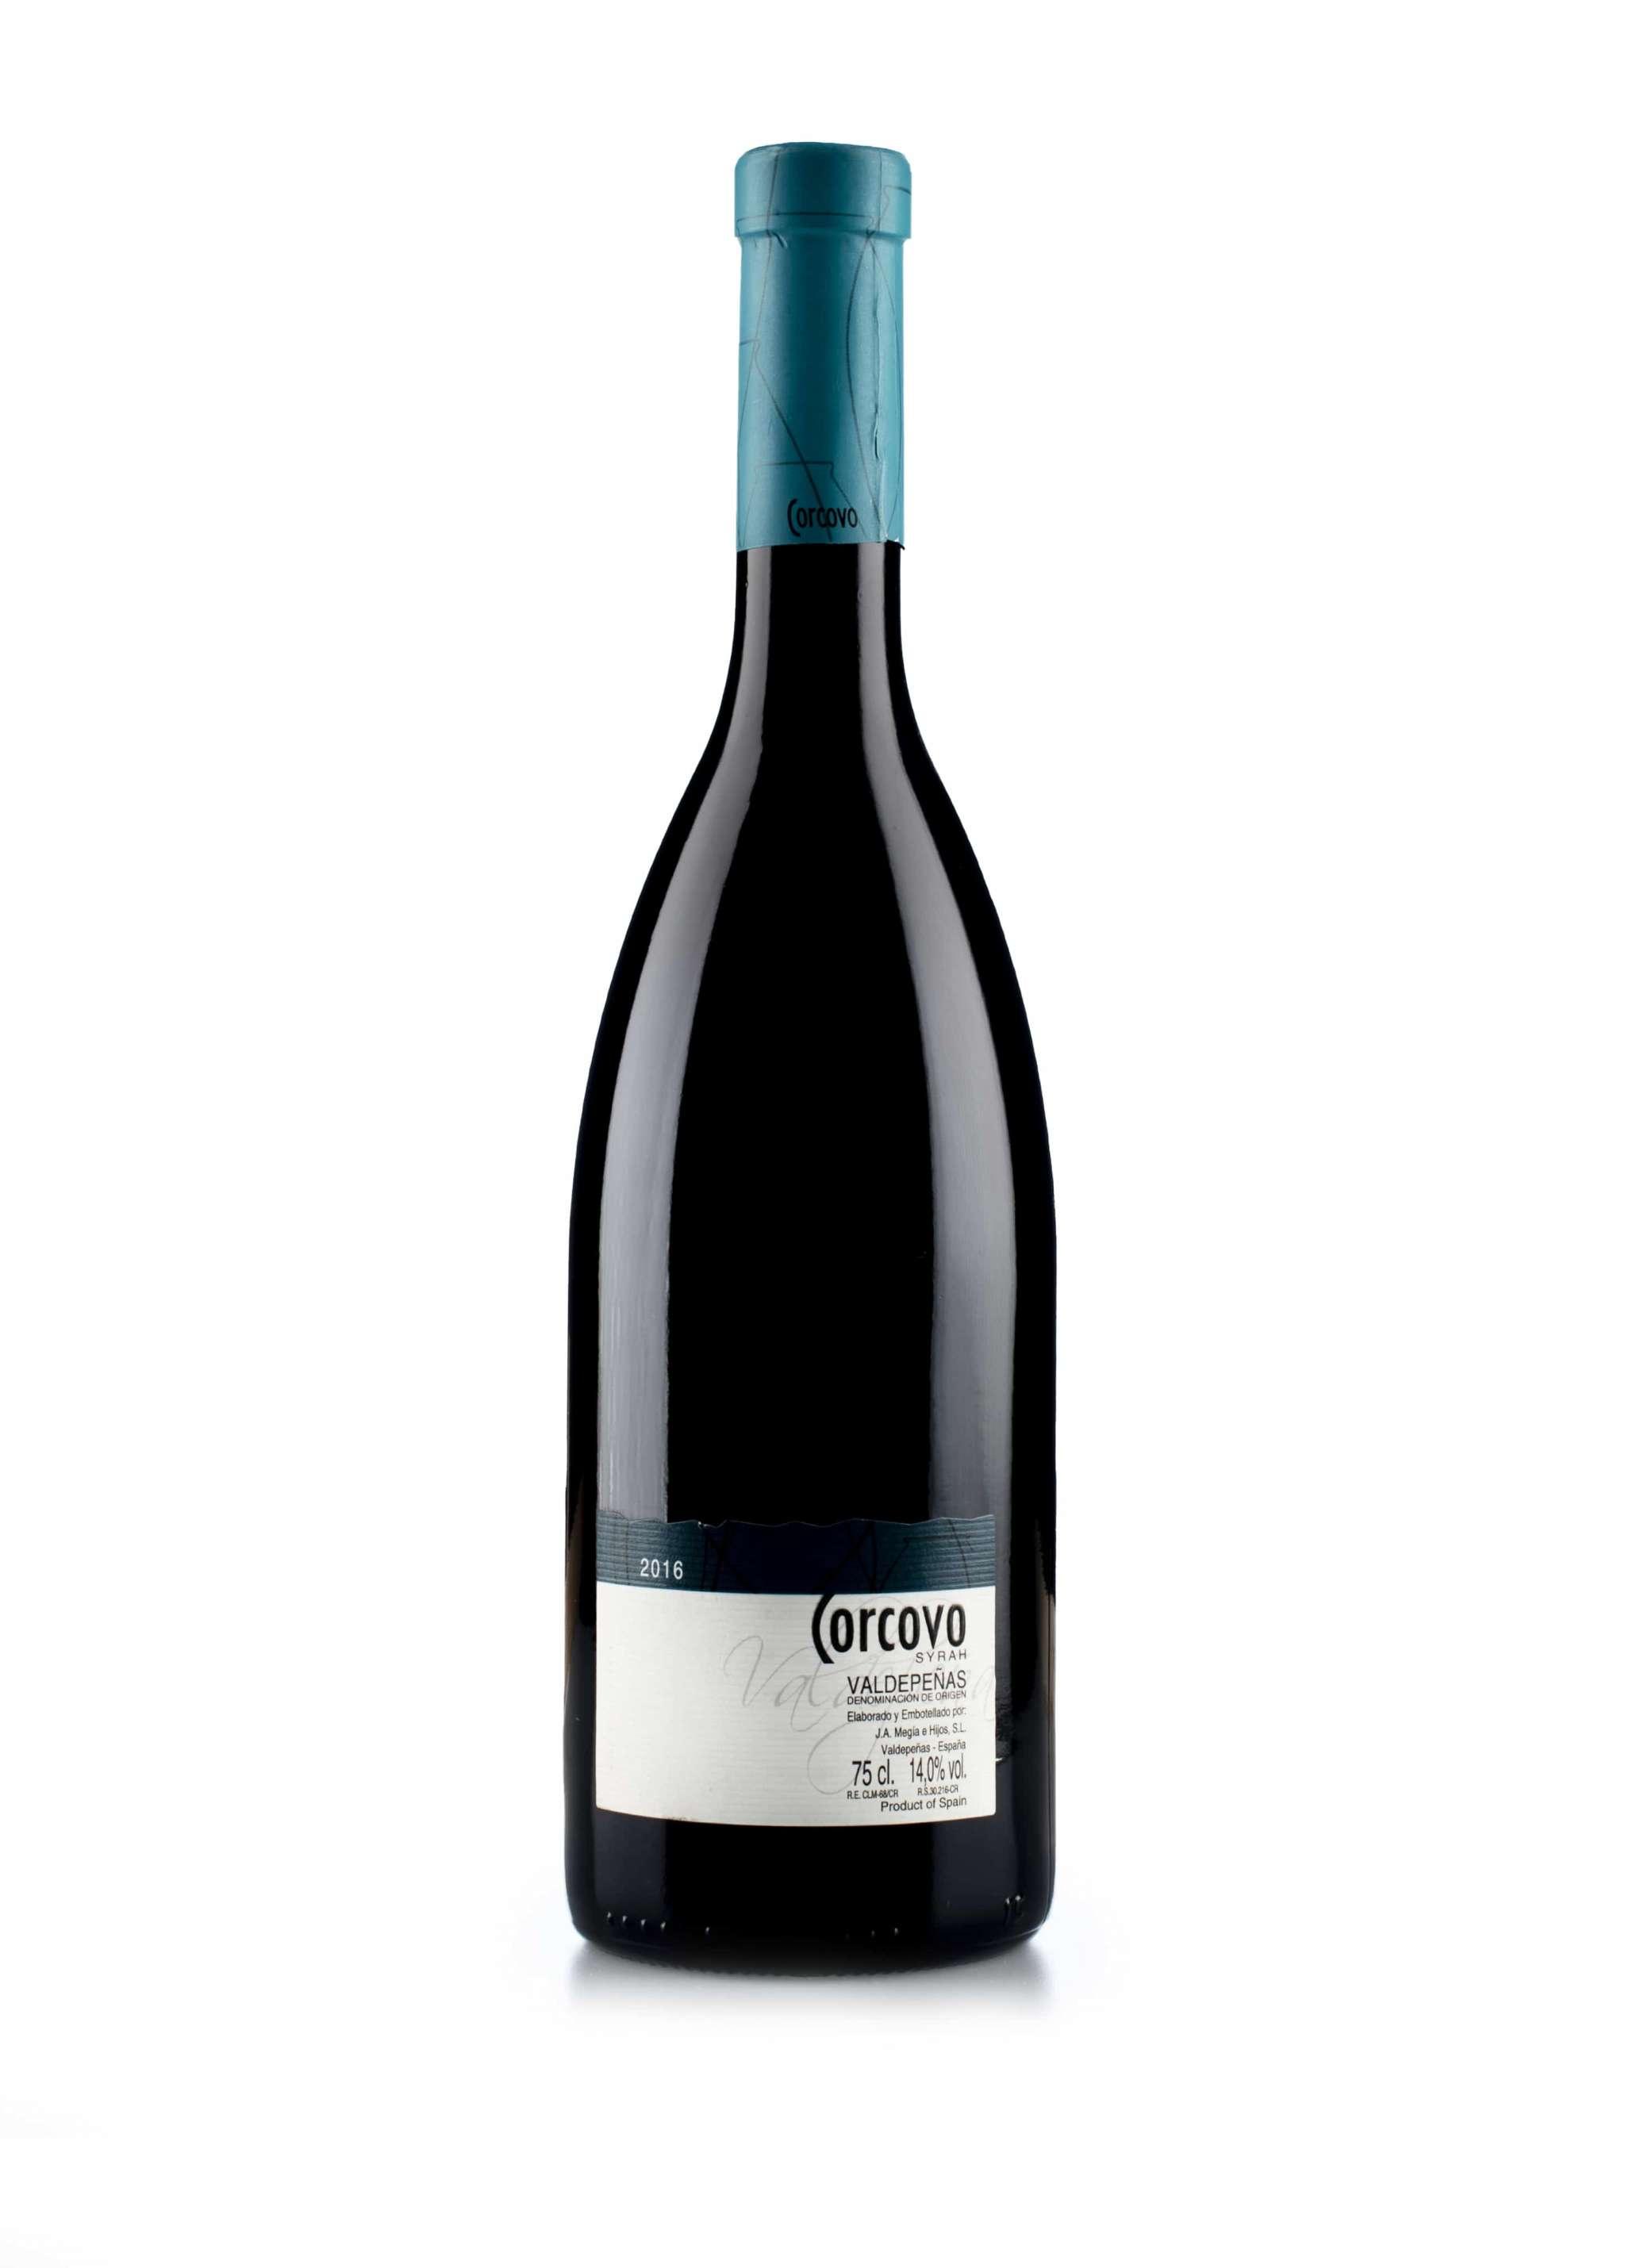 Spaanse rode wijn van wijndomein Corcovo: Syrah